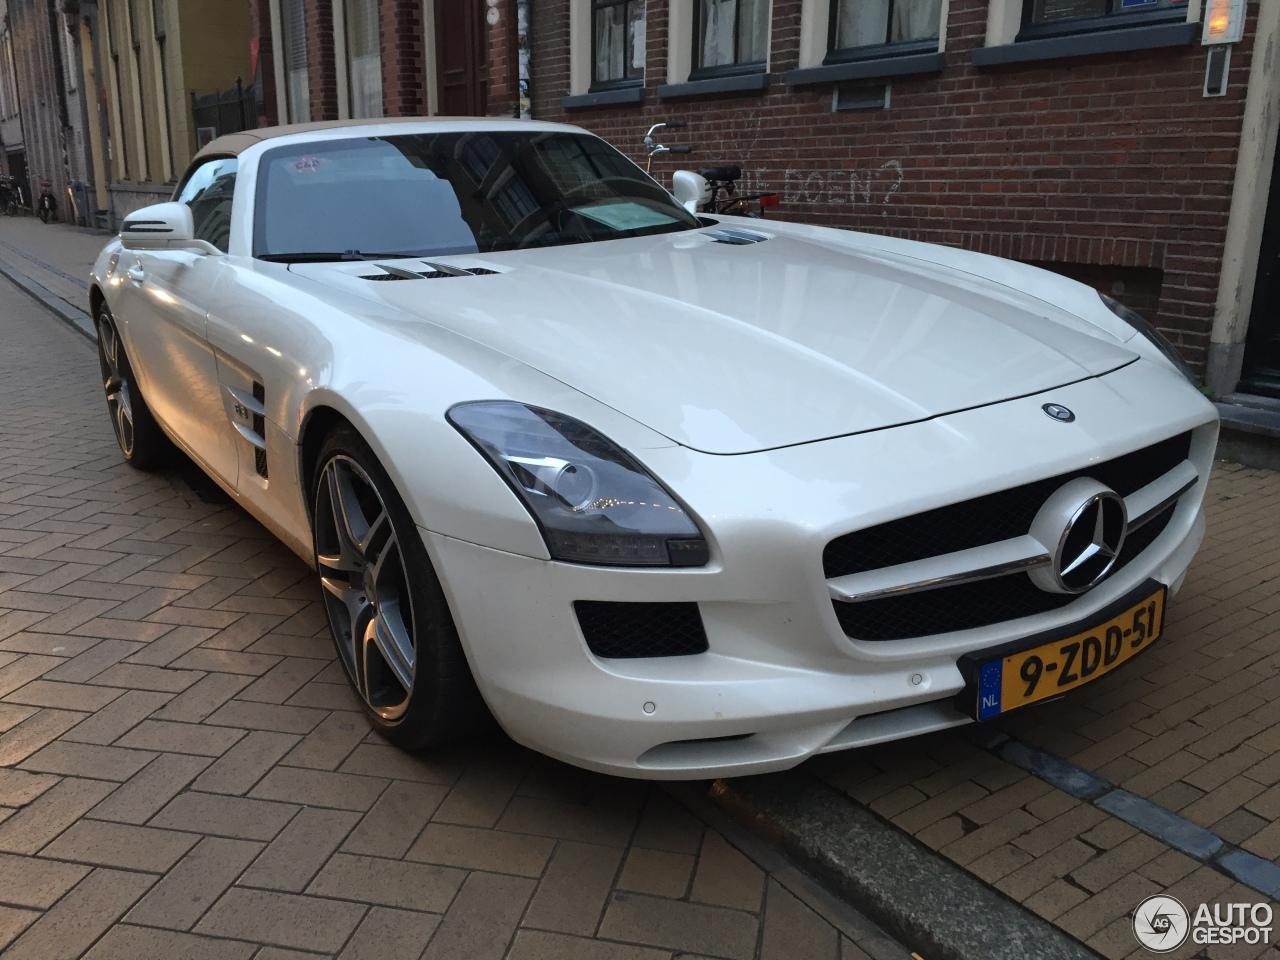 Mercedes benz sls amg roadster 29 december 2015 autogespot for 2015 mercedes benz sls amg convertible